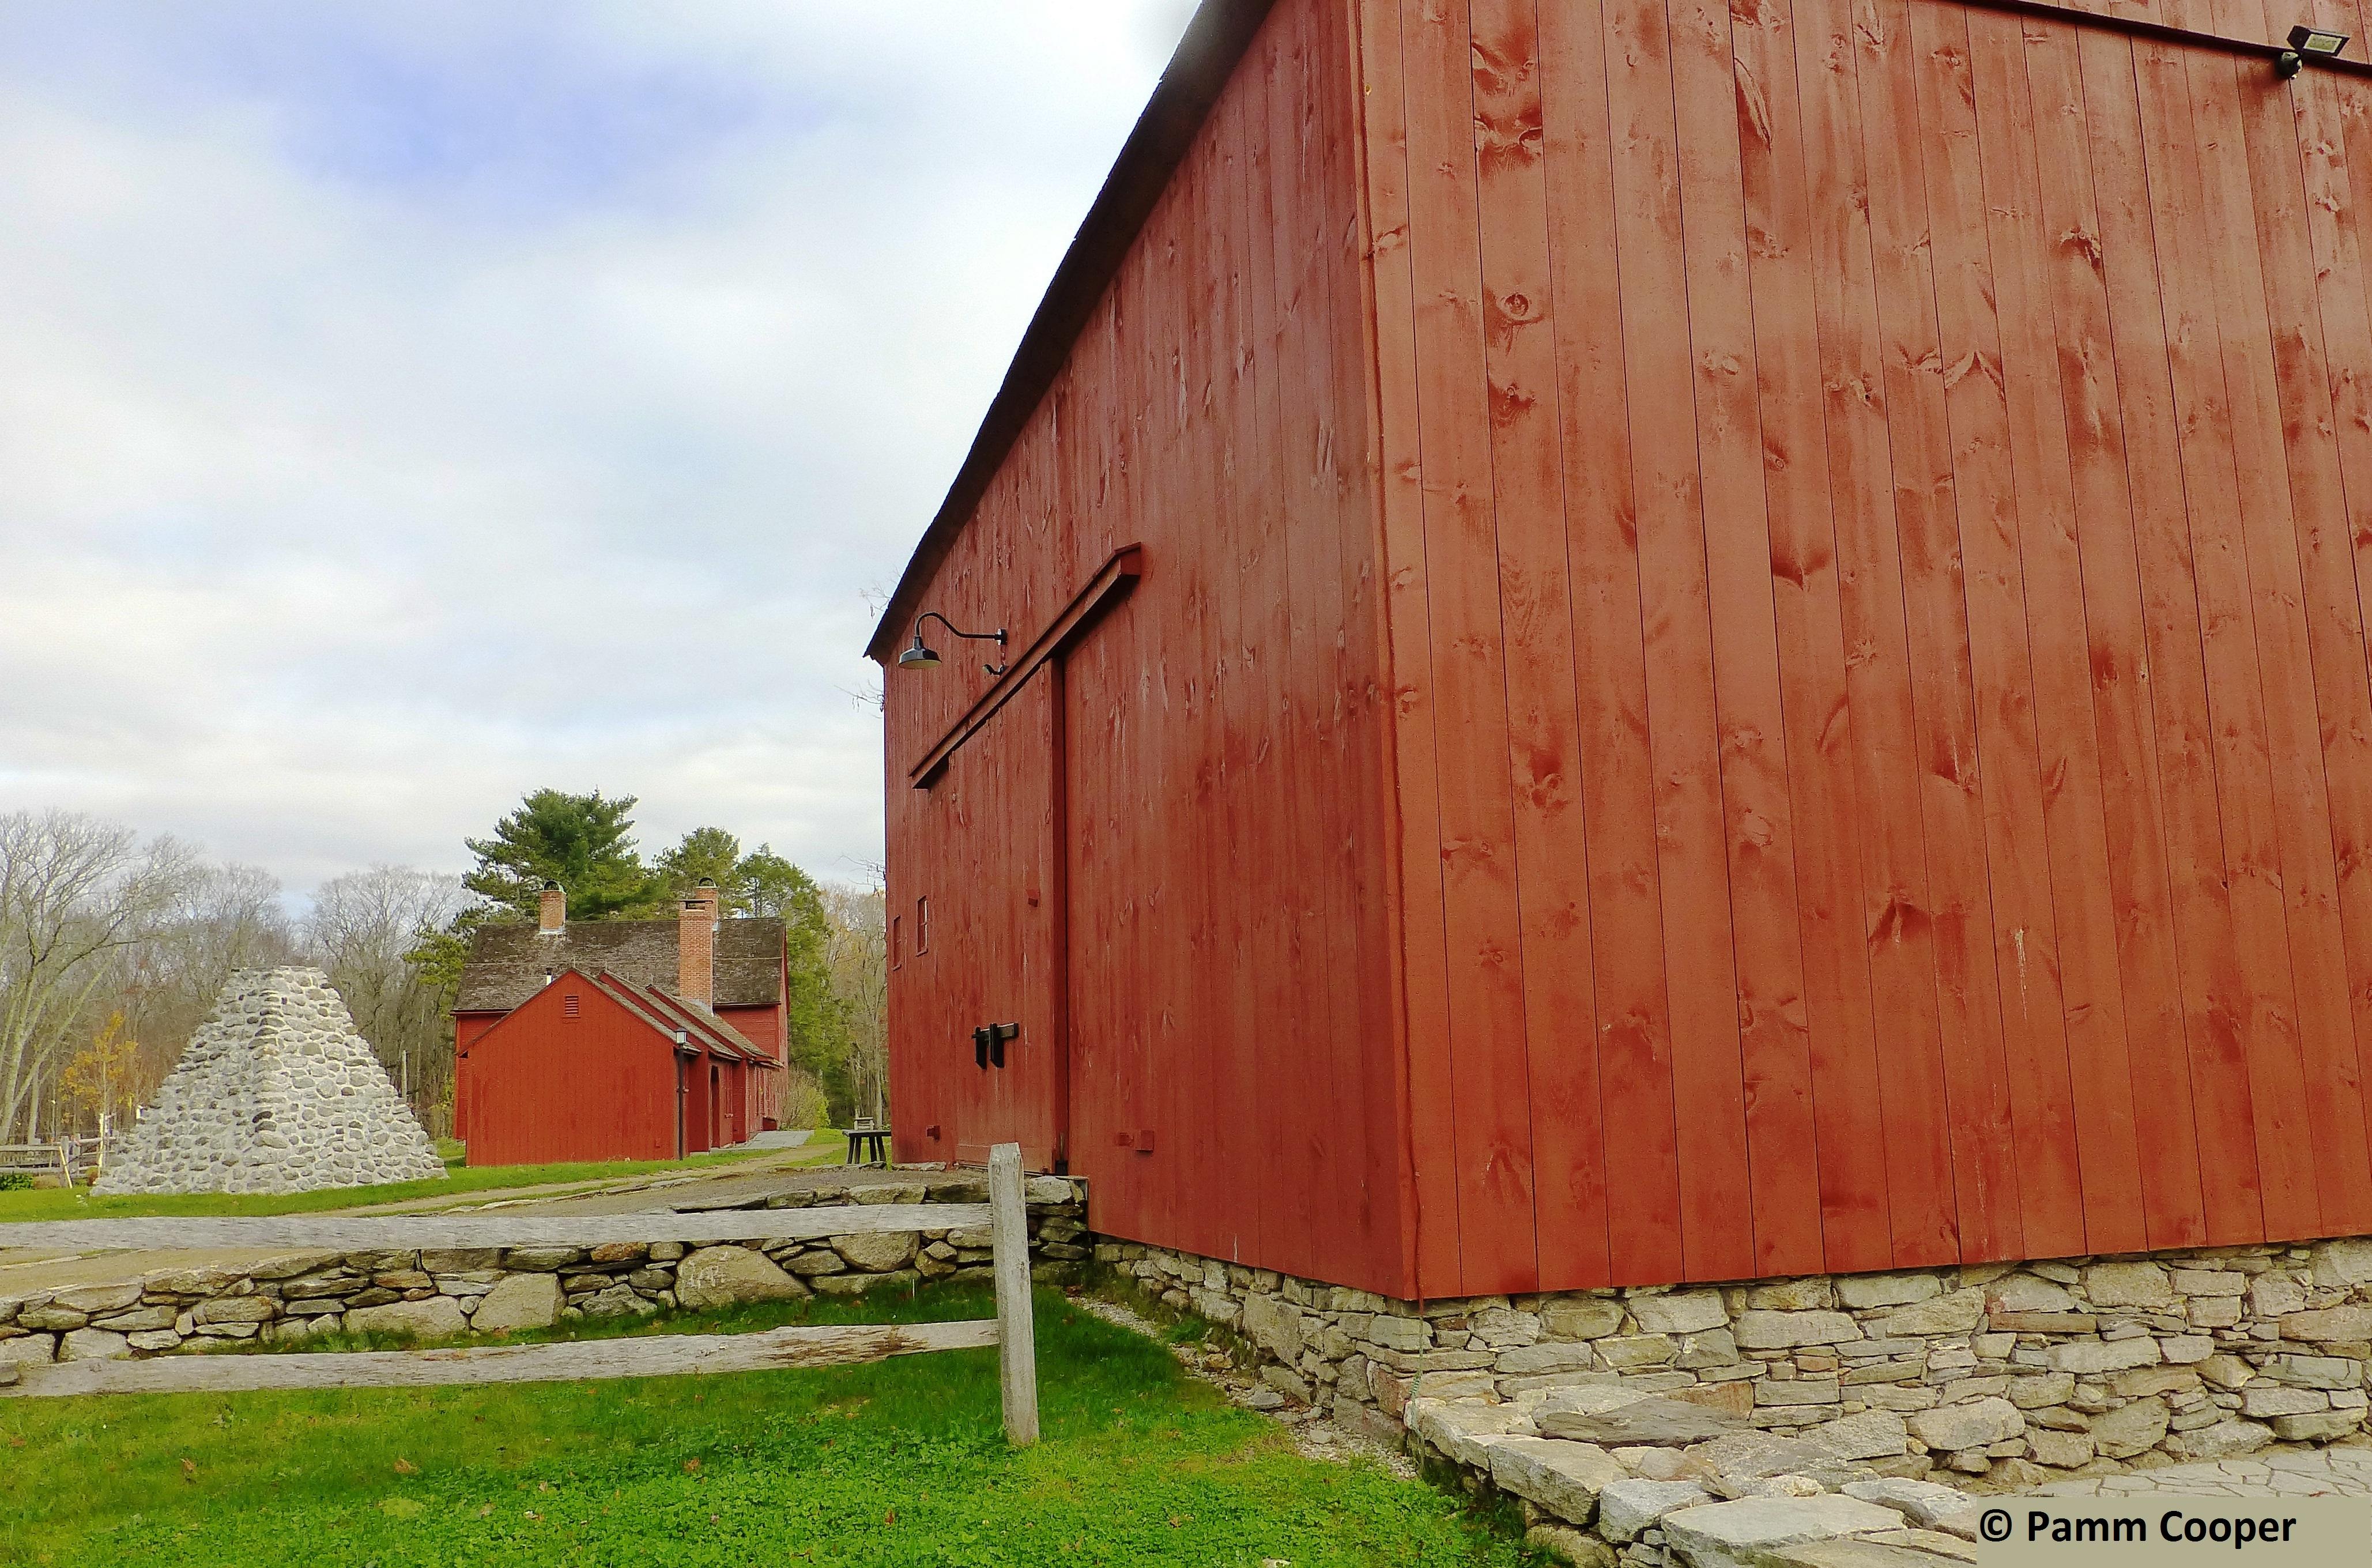 Nathan Hale Homestead post and beam barn c 1750s